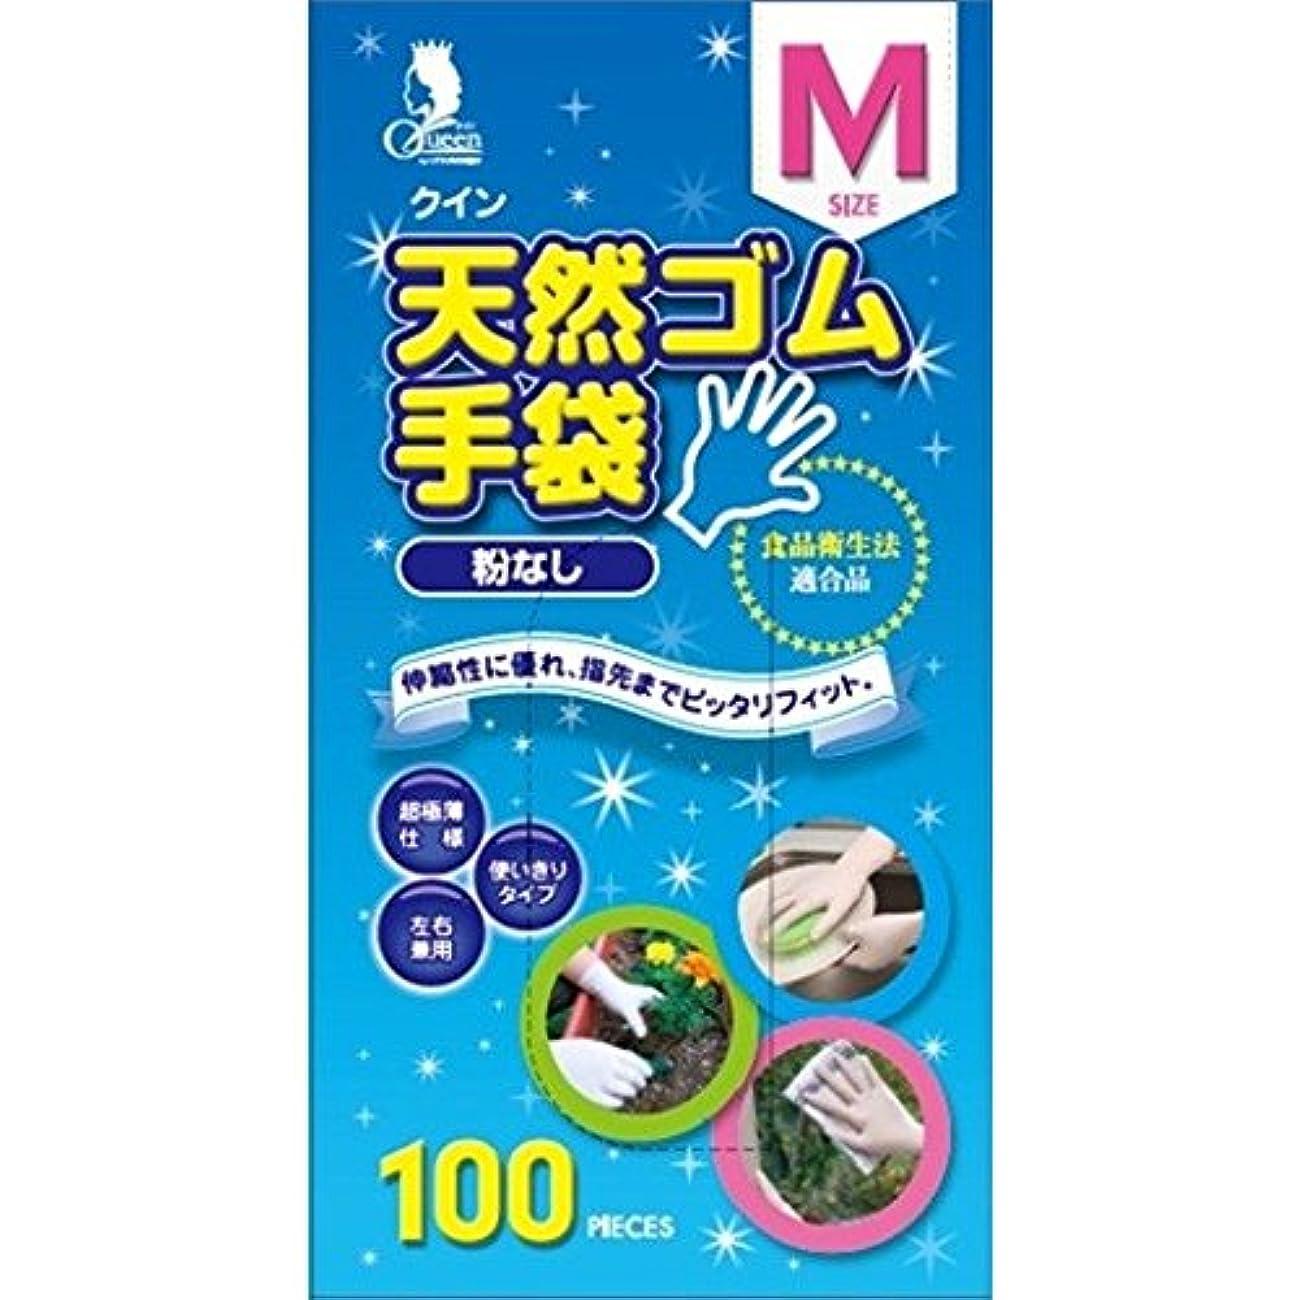 グロー駐地乳製品宇都宮製作 クイン 天然ゴム手袋 Mサイズ 100枚